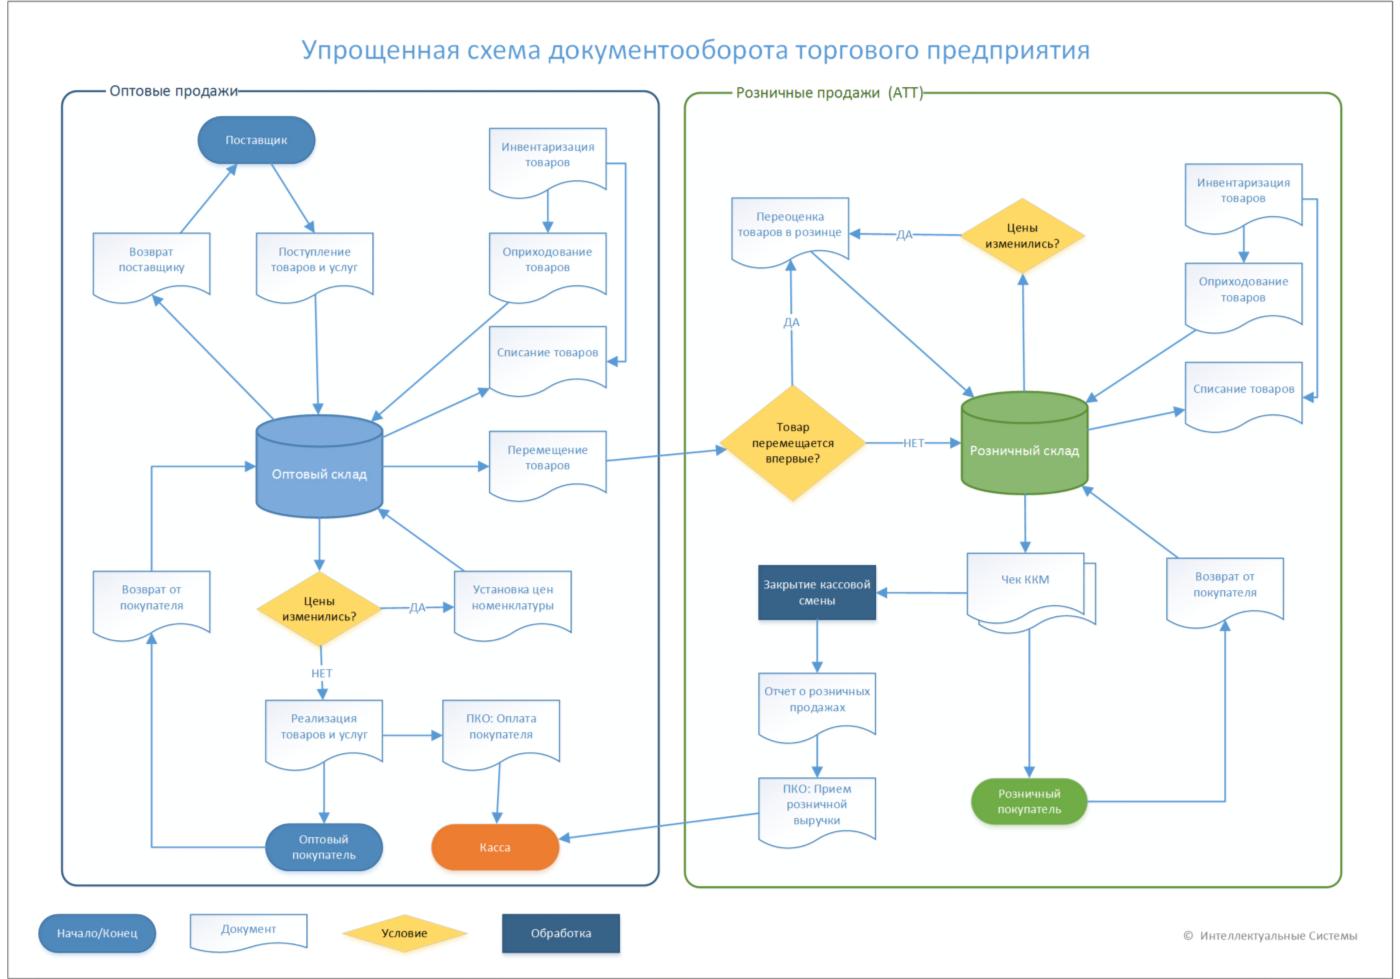 Das Arbeitsschema in 1C Trade Management für Kasachstan